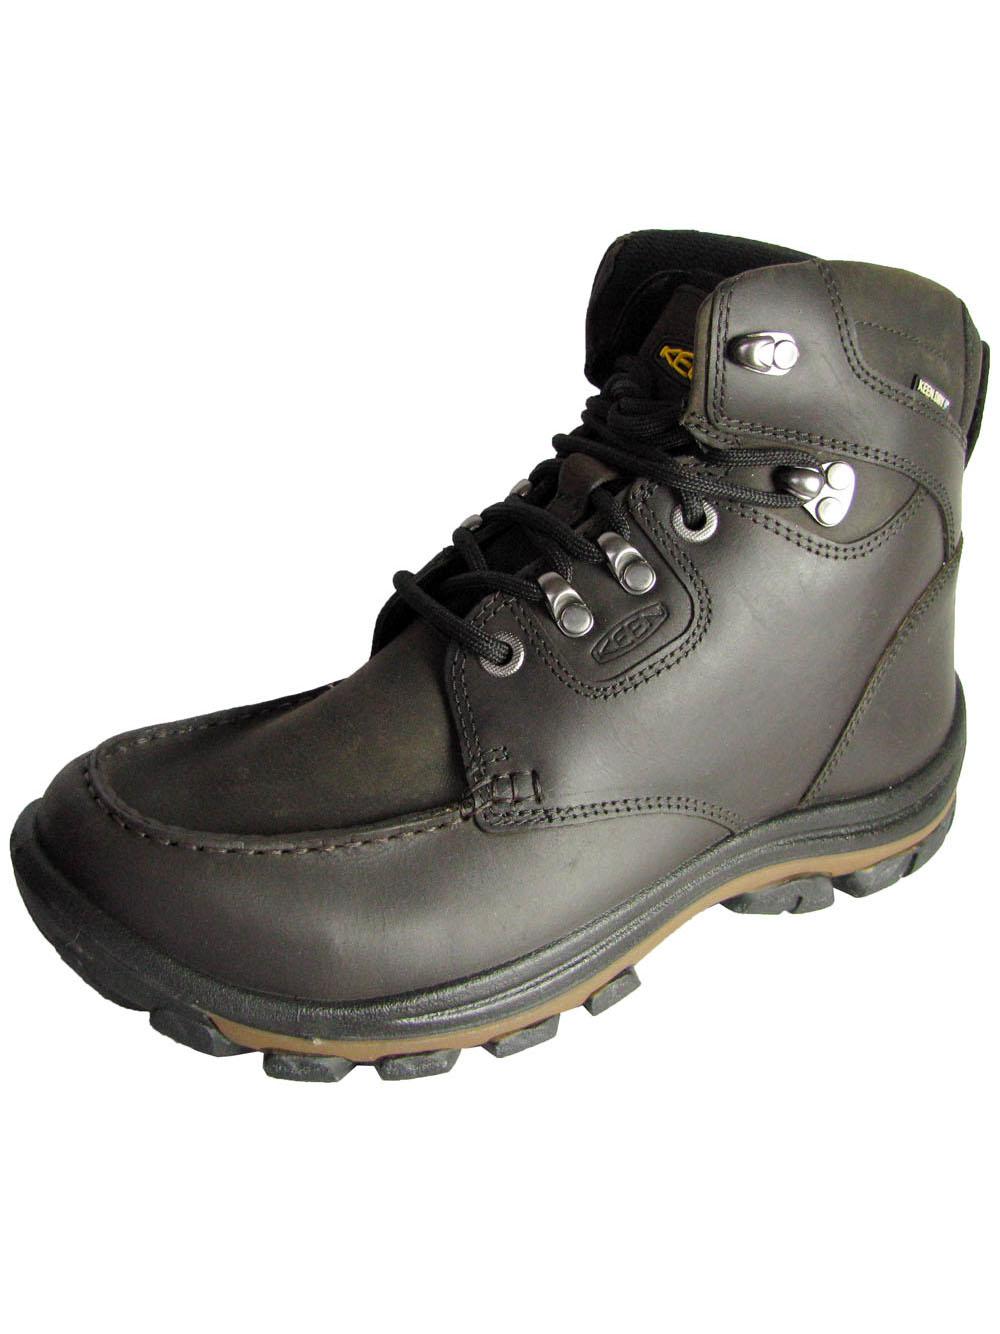 Keen Mens 'Nopo Waterproof' Hiking Boot by Keen